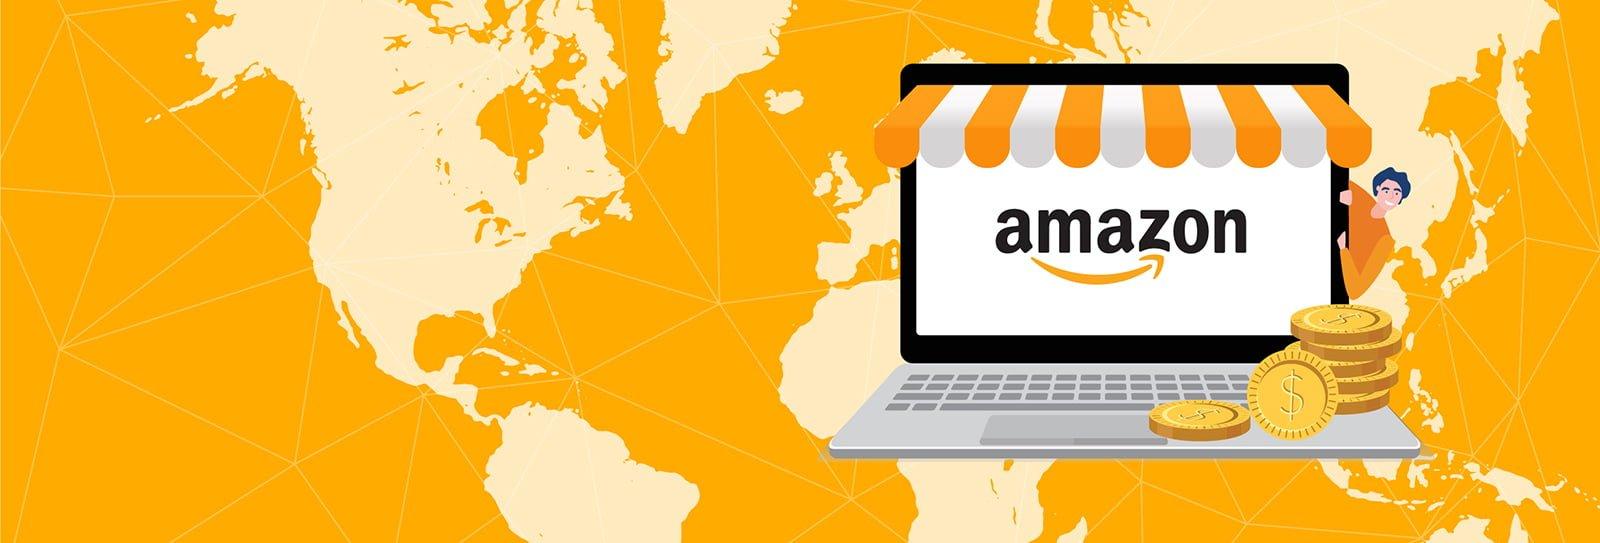 Integration page_Amazon to xero